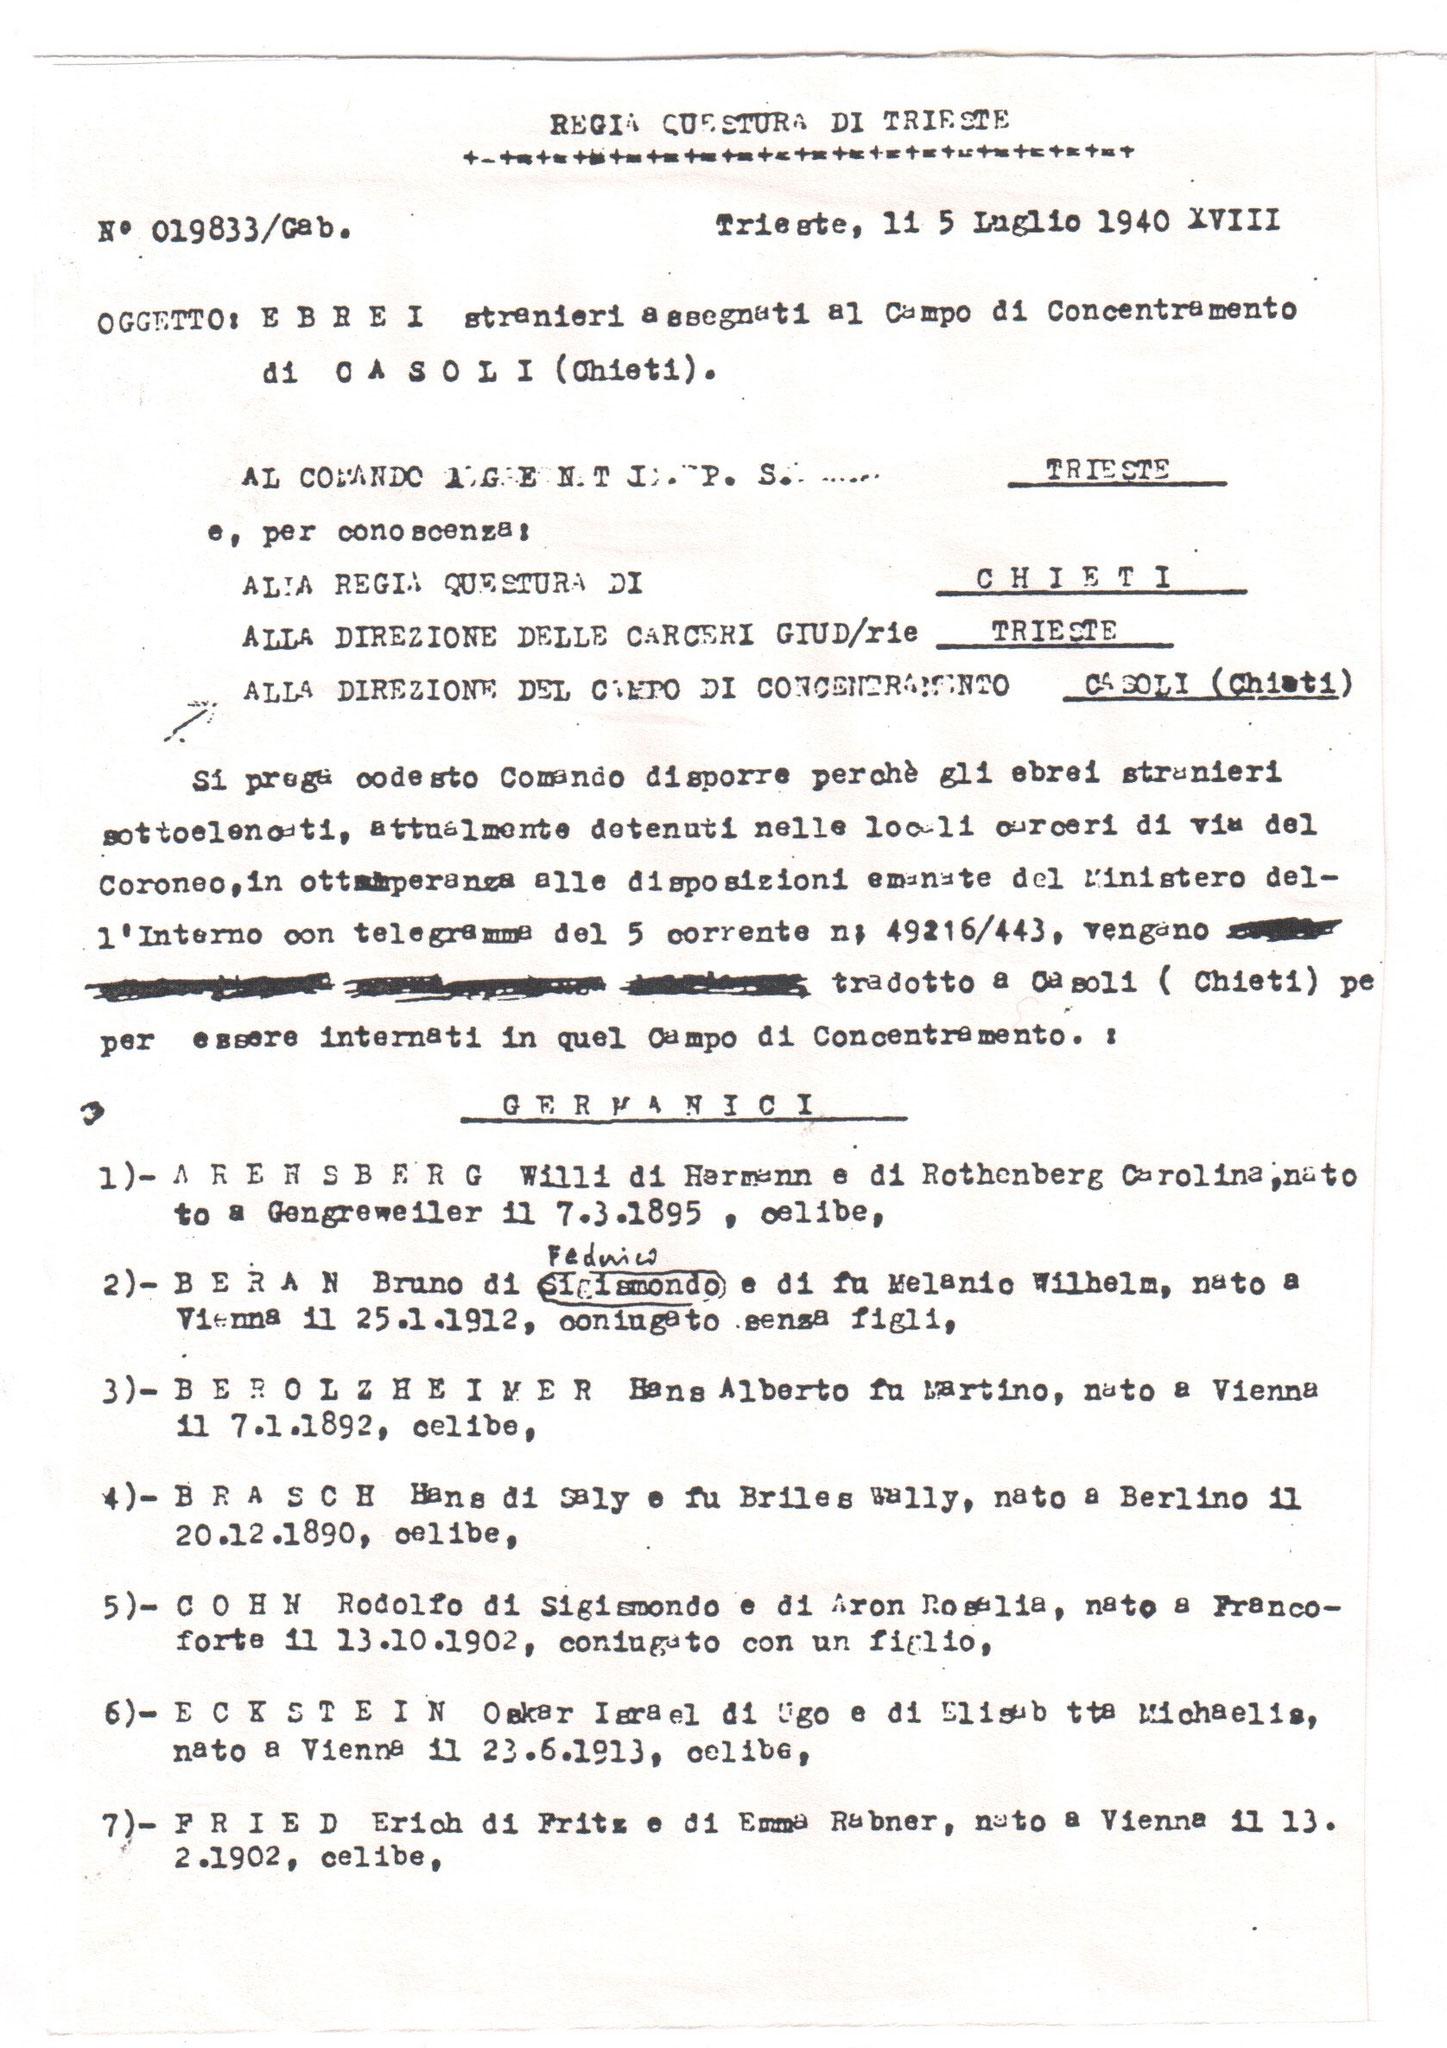 Ebrei stranieri assegnati al Campo di Concentramento di Casoli (Chieti). Elenco inviato dalla Regia Questura di Trieste.